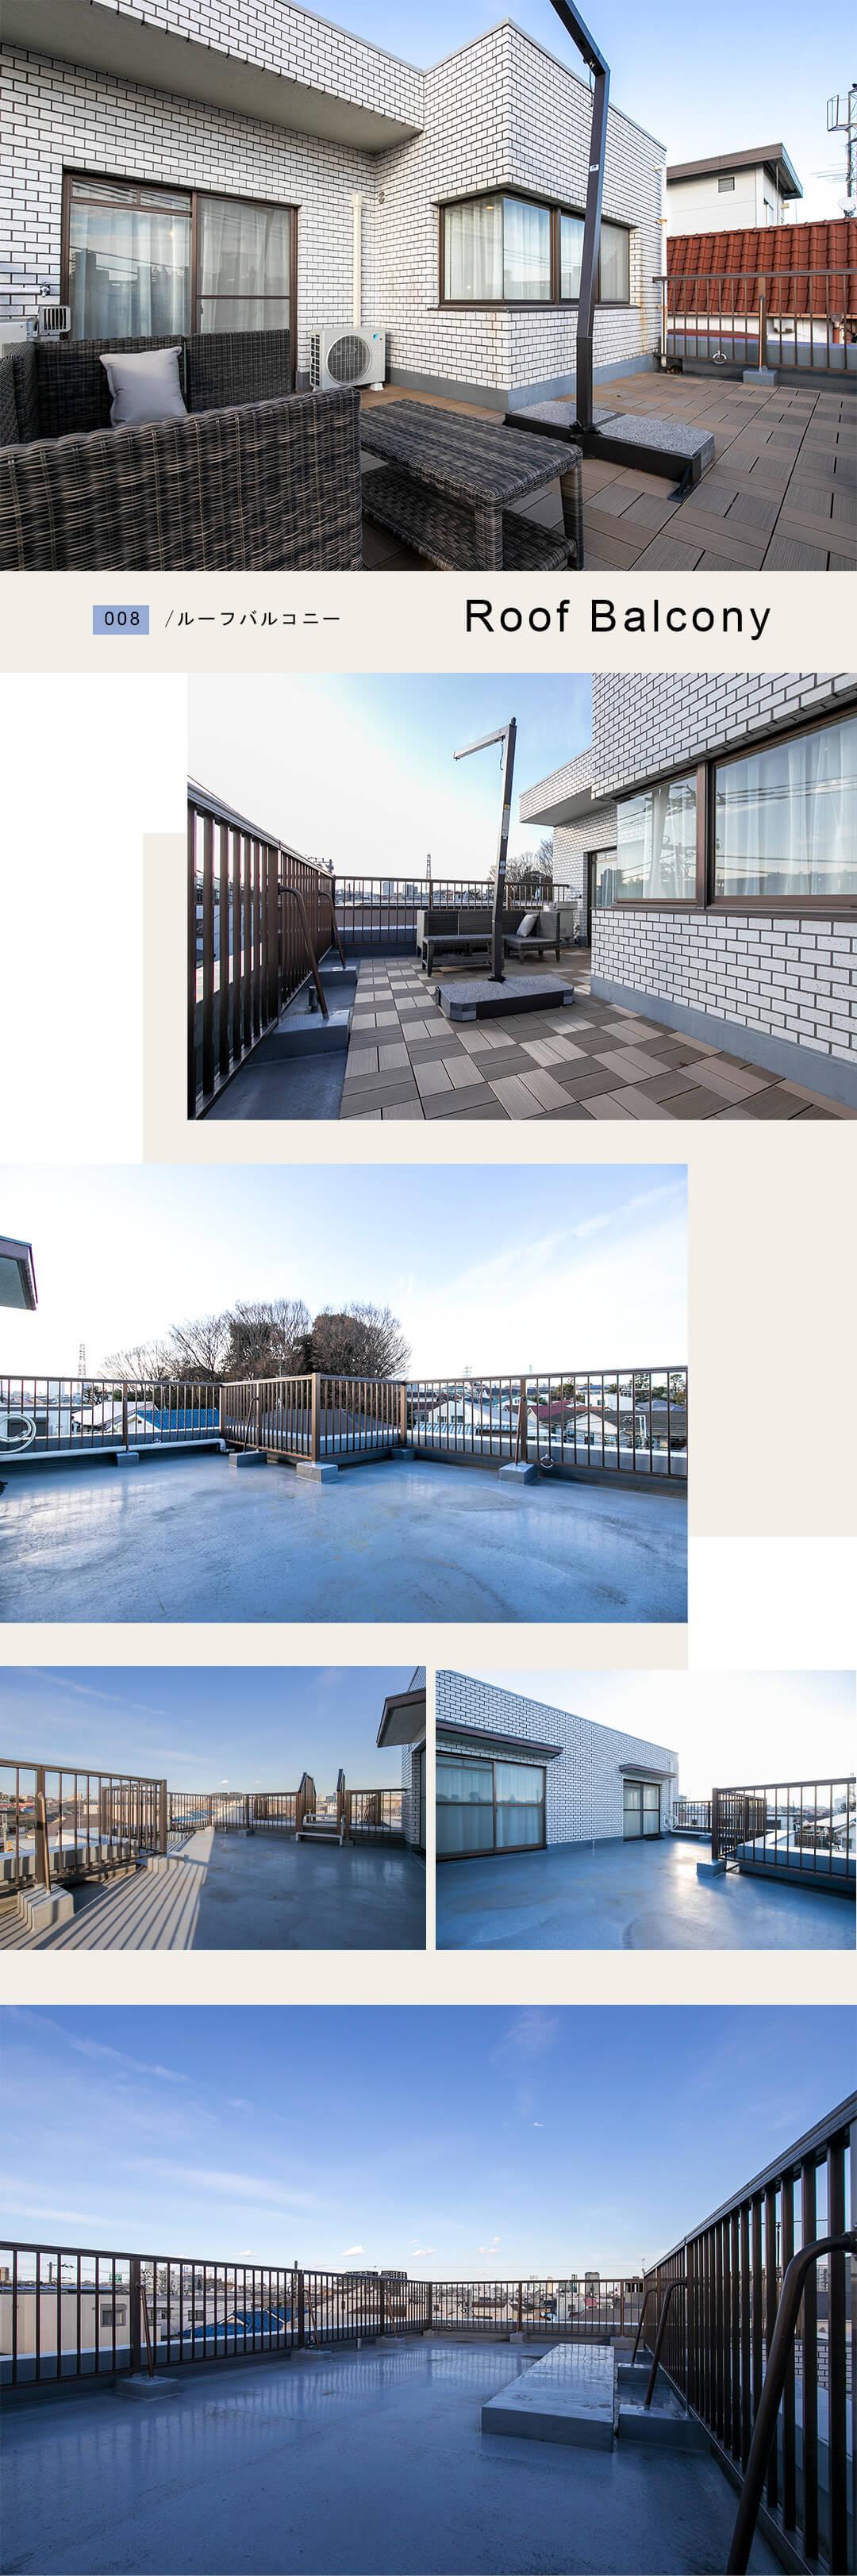 08ルーフバルコニー,Roofbalcony